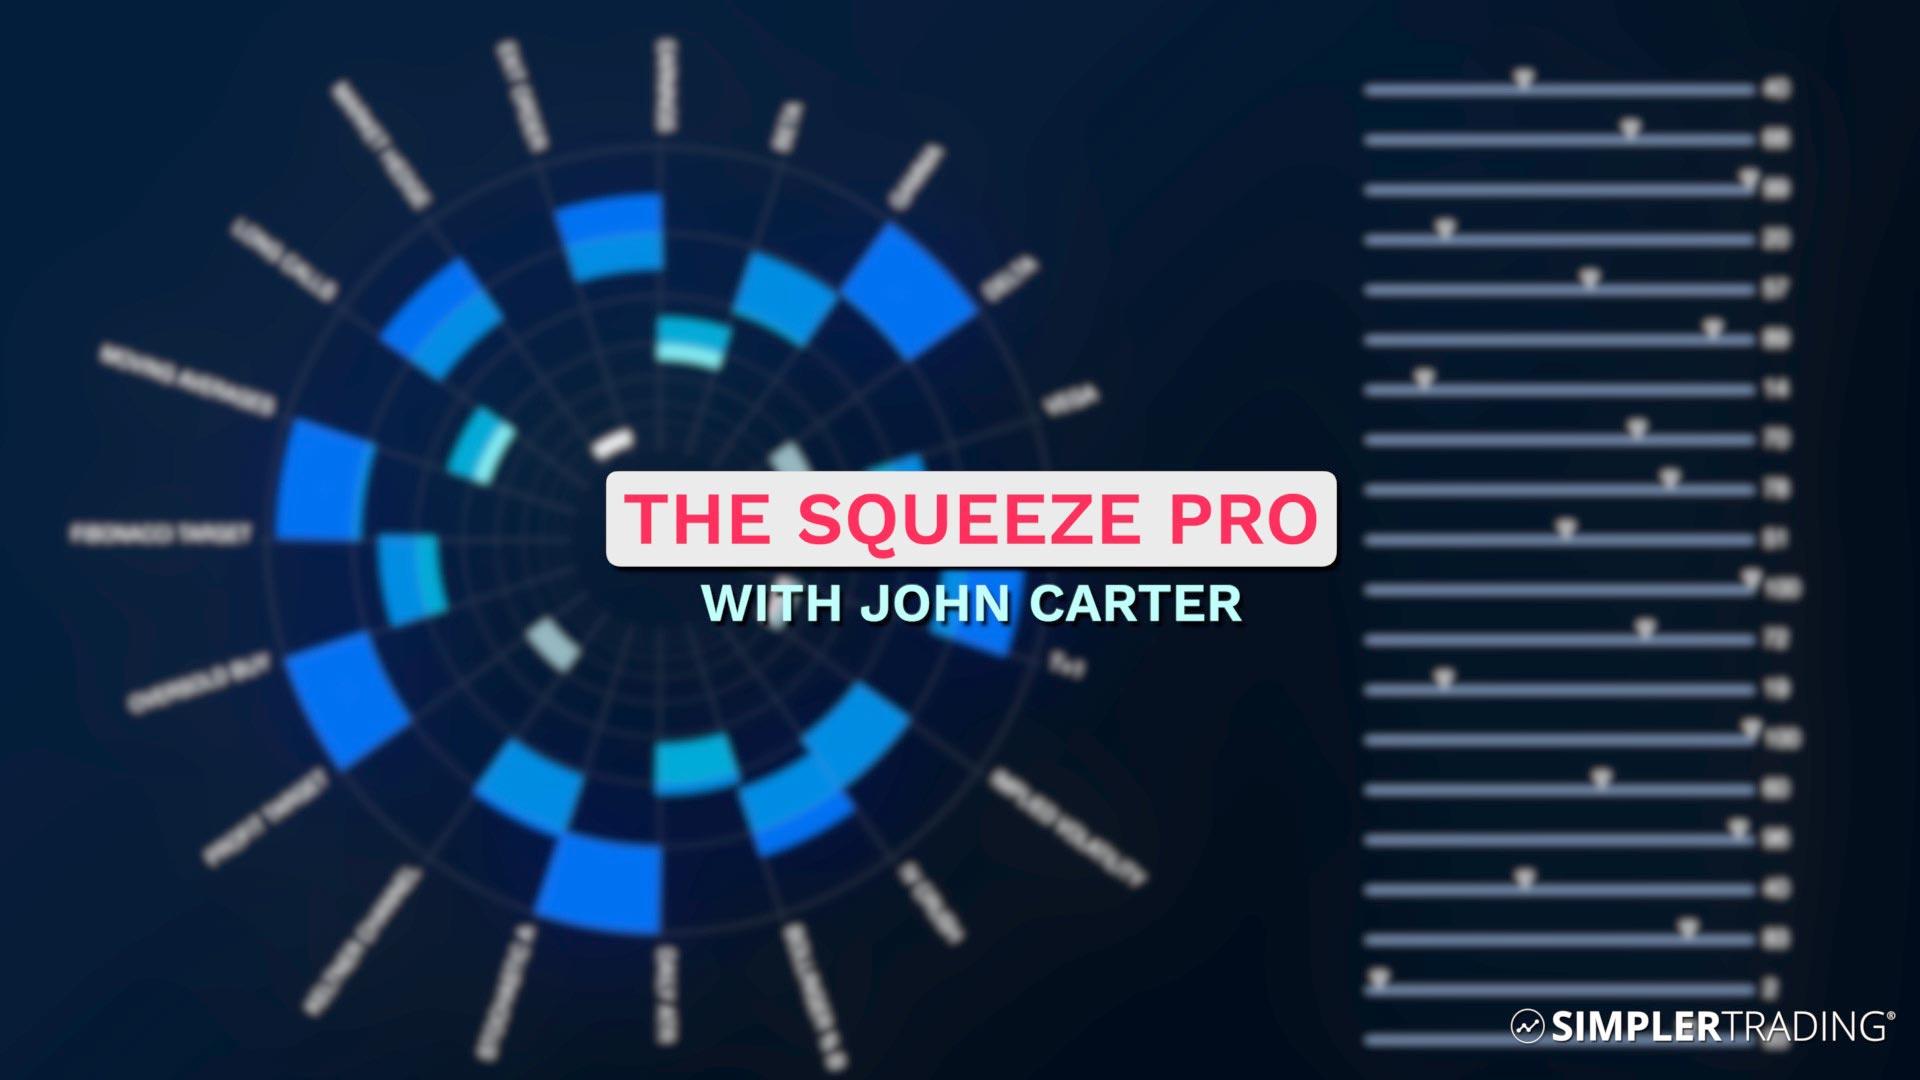 Squeeze Pro Trailer Cardxx